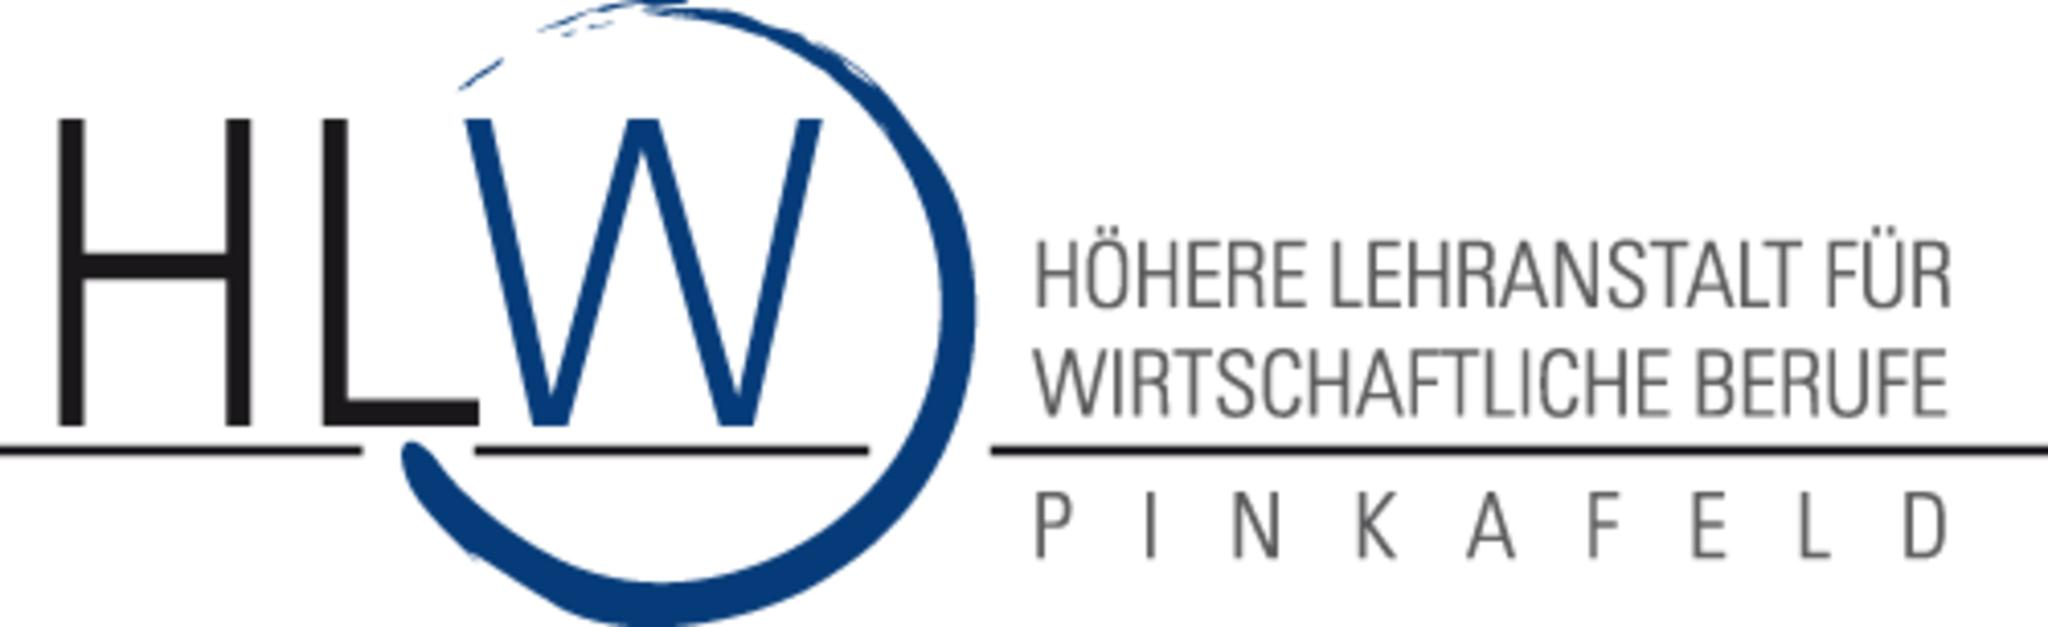 HLW Pinkafeld aus Oberwart - dbminer.net